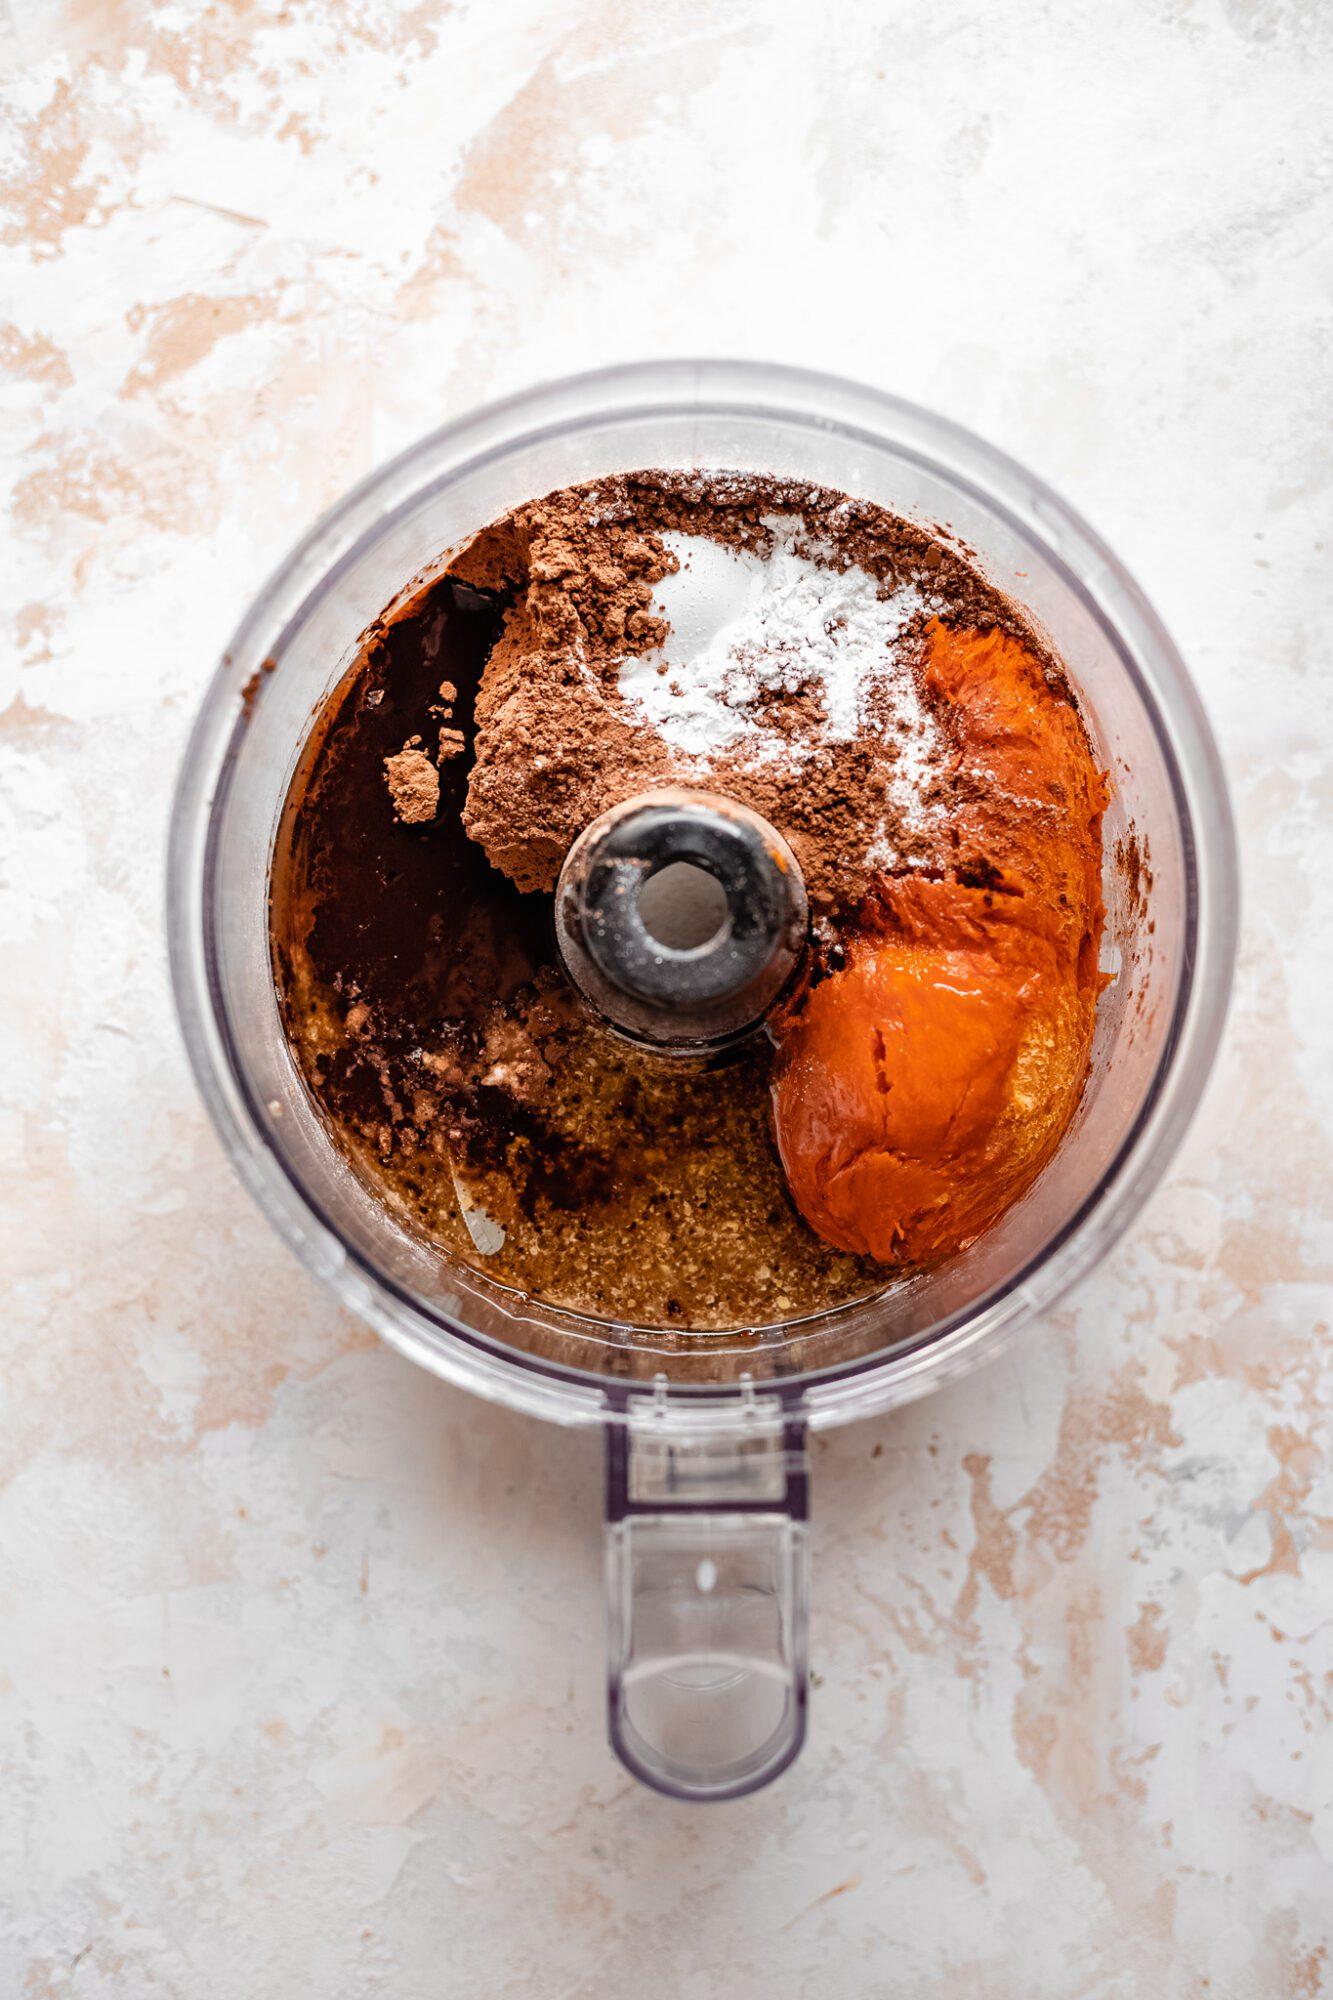 sweet potato brownie ingredients in food processor